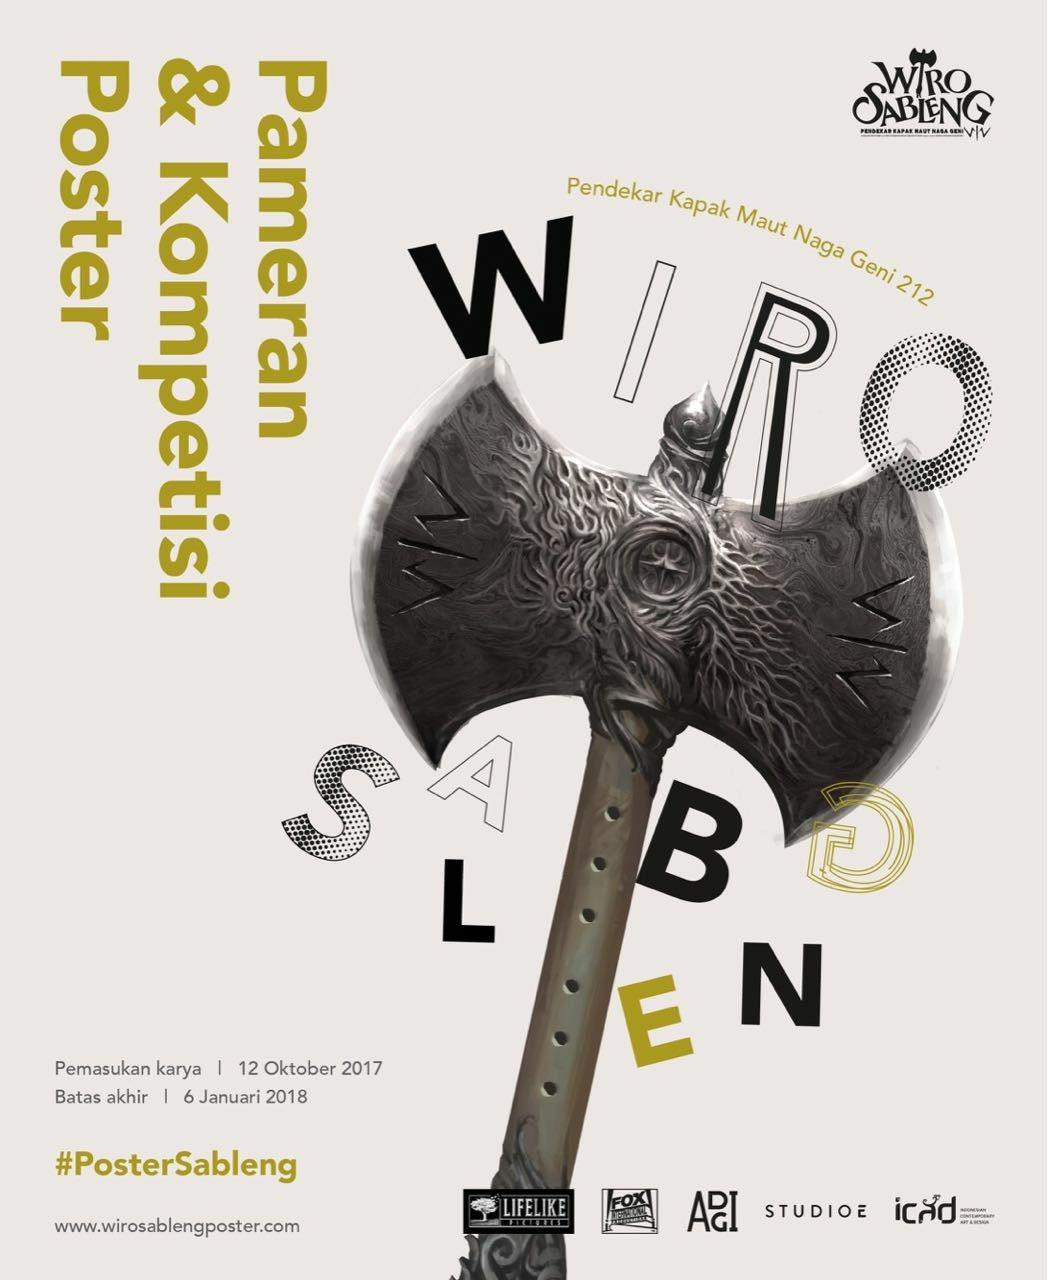 Kompetisi Poster Wiro Sableng Kapak Maut Naga Geni 212